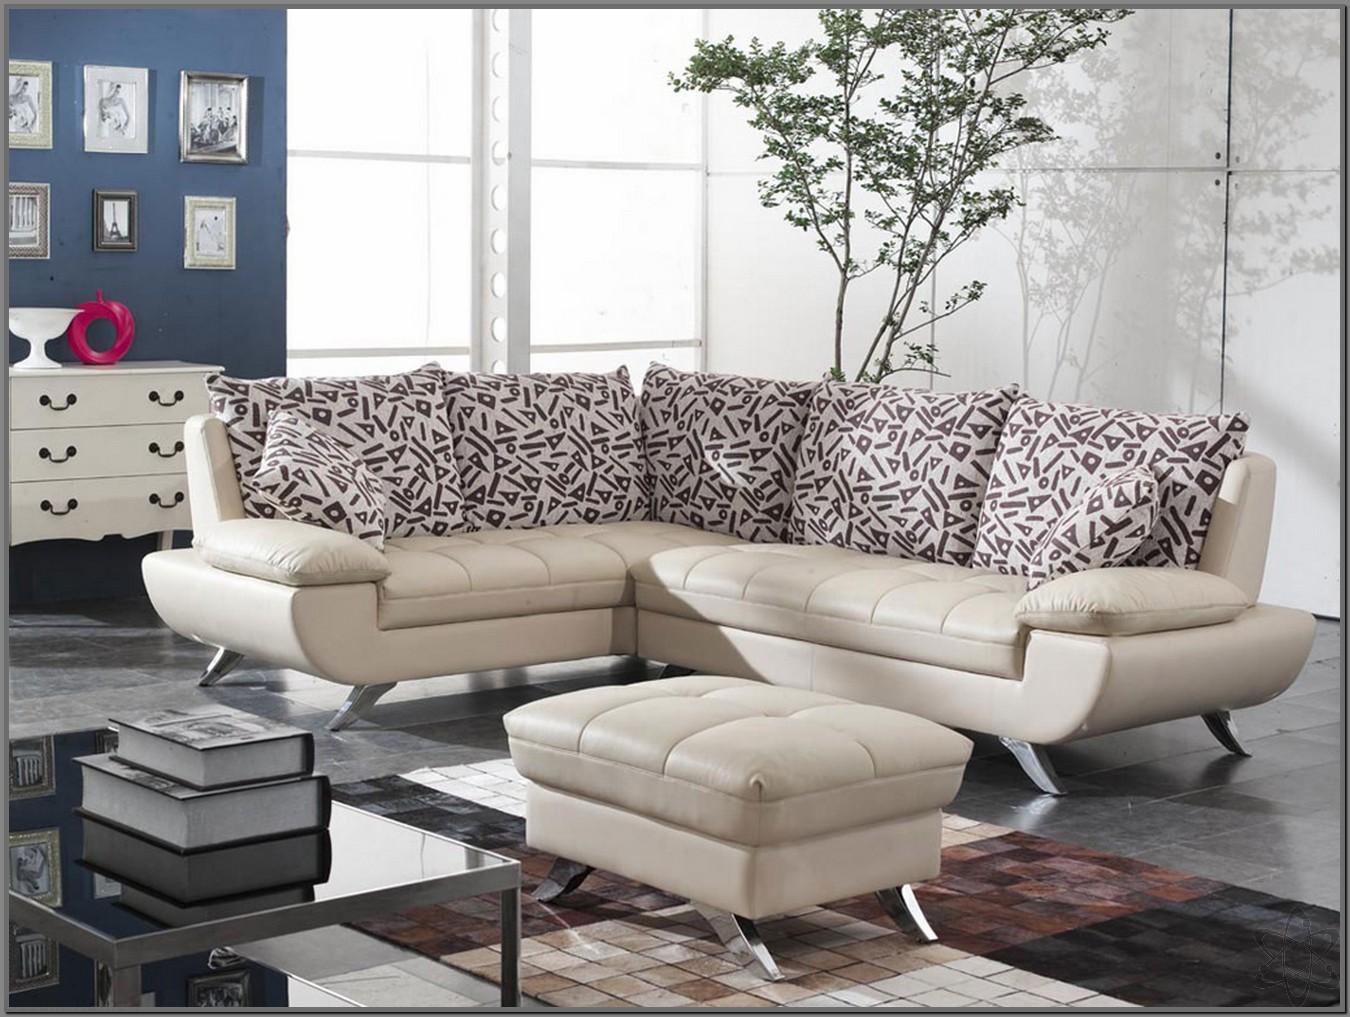 Referensi Model Sofa Minimalis Terbaru Untuk Hunian Minimalis Modern